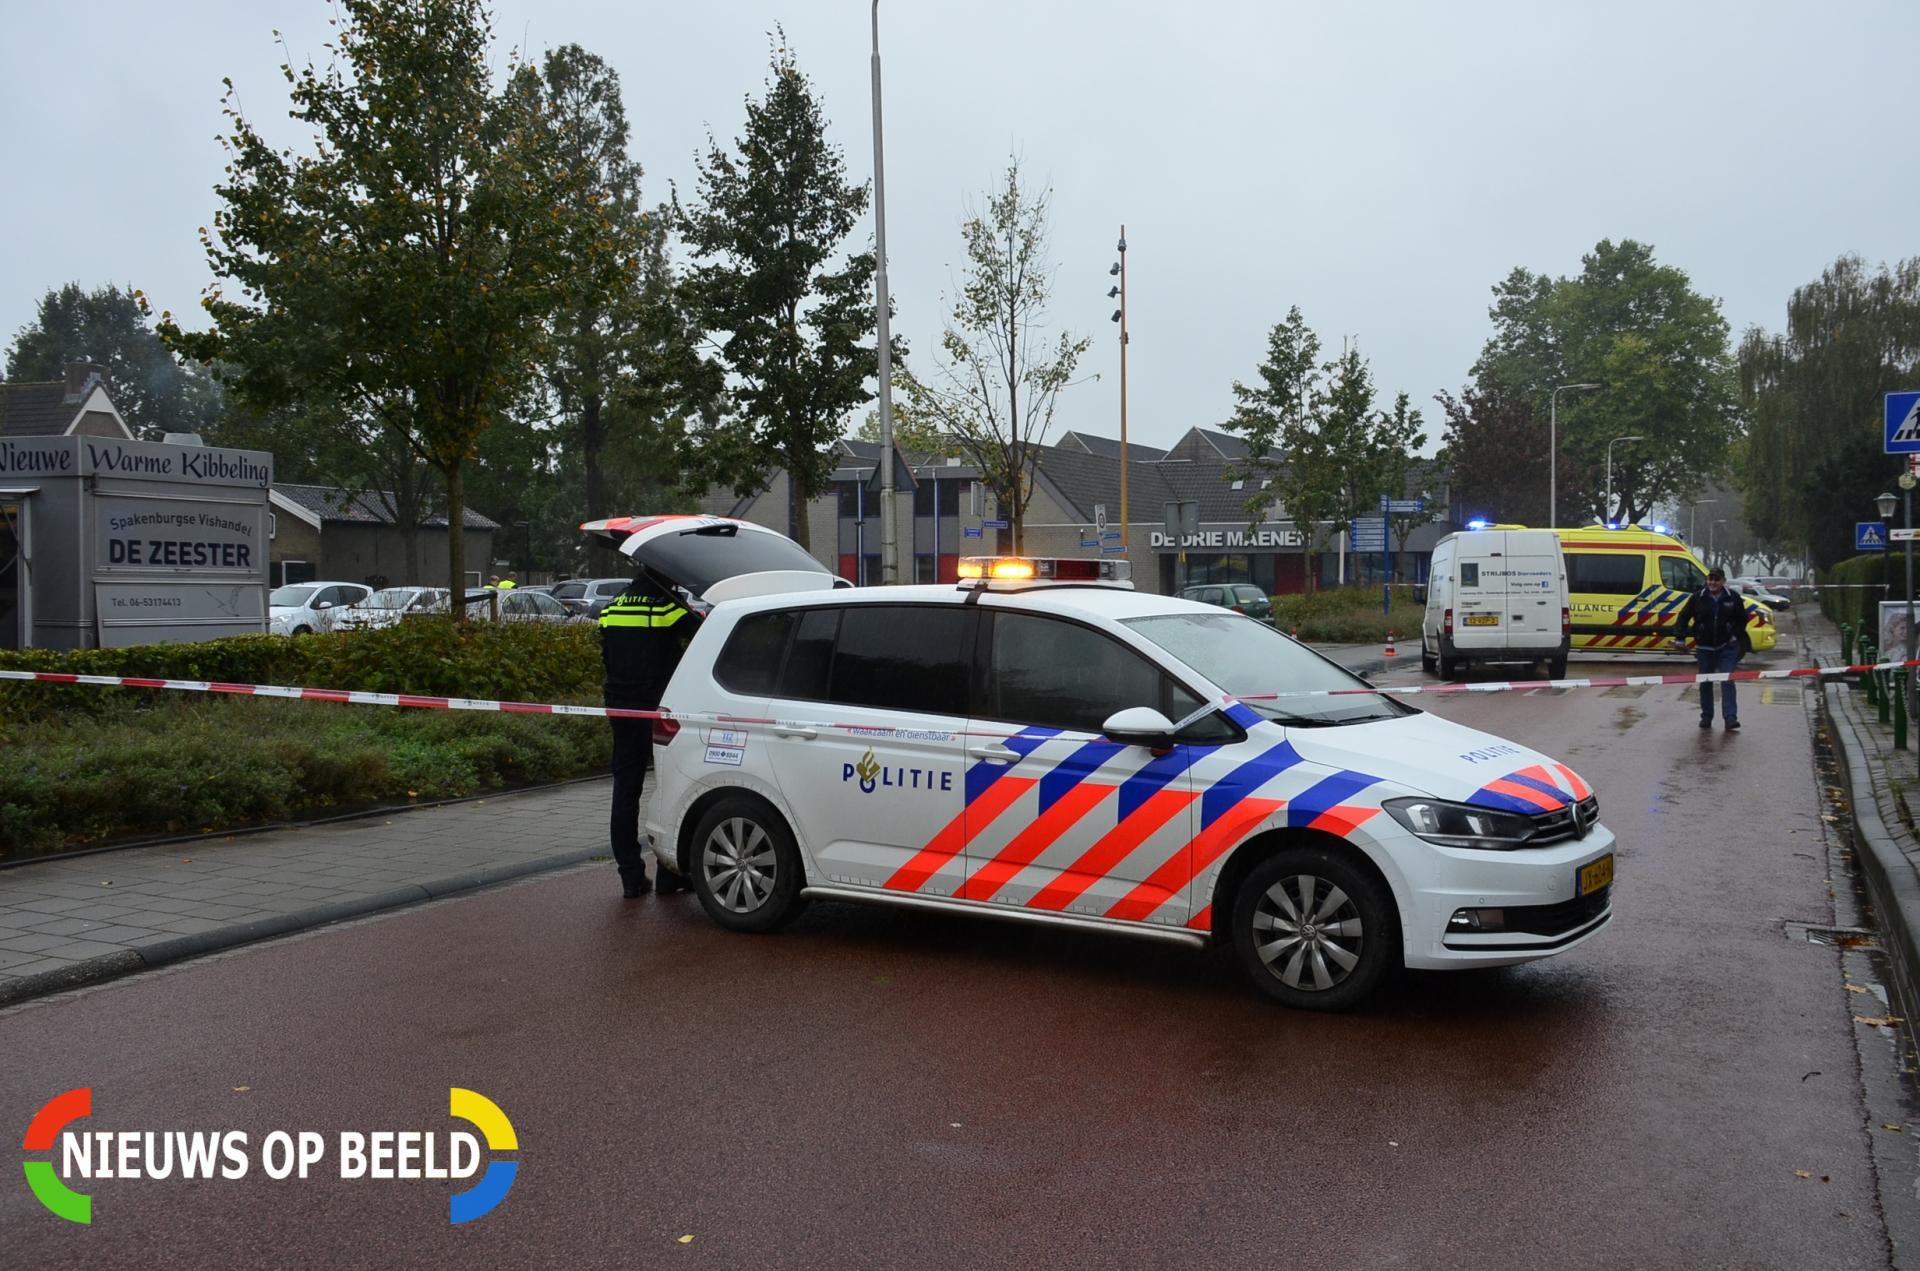 Voetganger gewond na aanrijding met busje Burgemeester Neetstraat Ouderkerk aan den IJssel